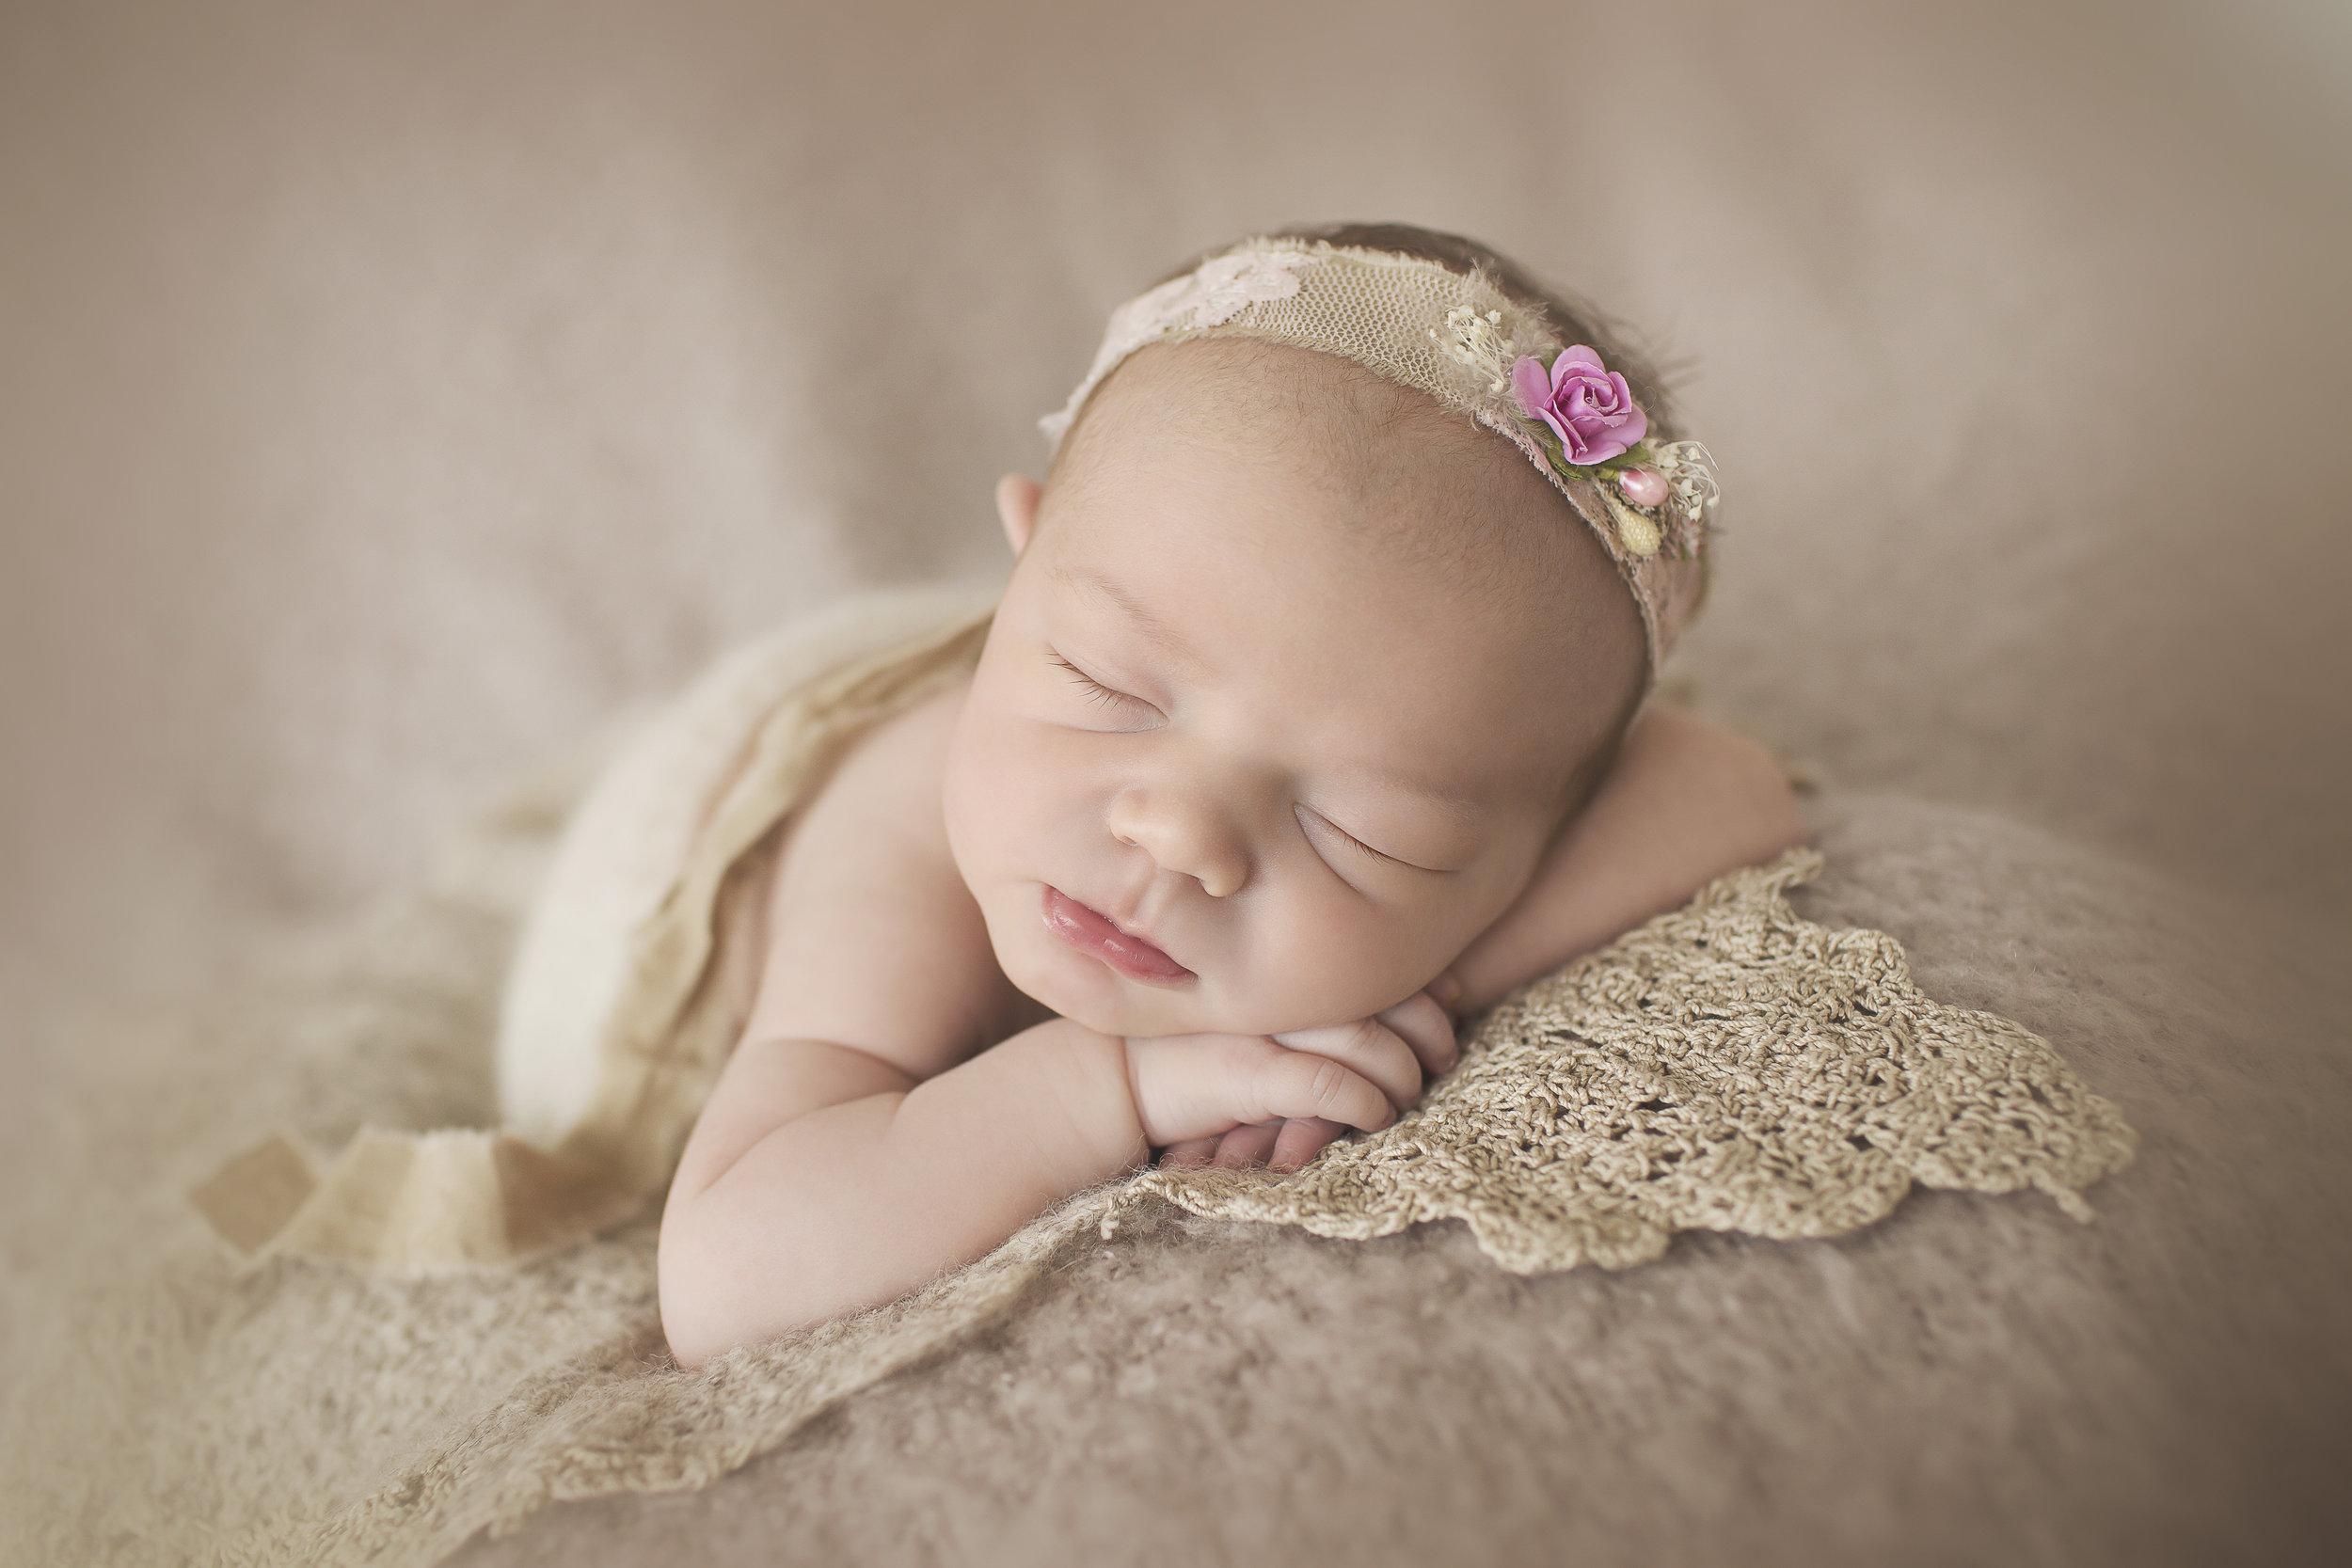 bmp-newborn-Mia-042015-10.jpg